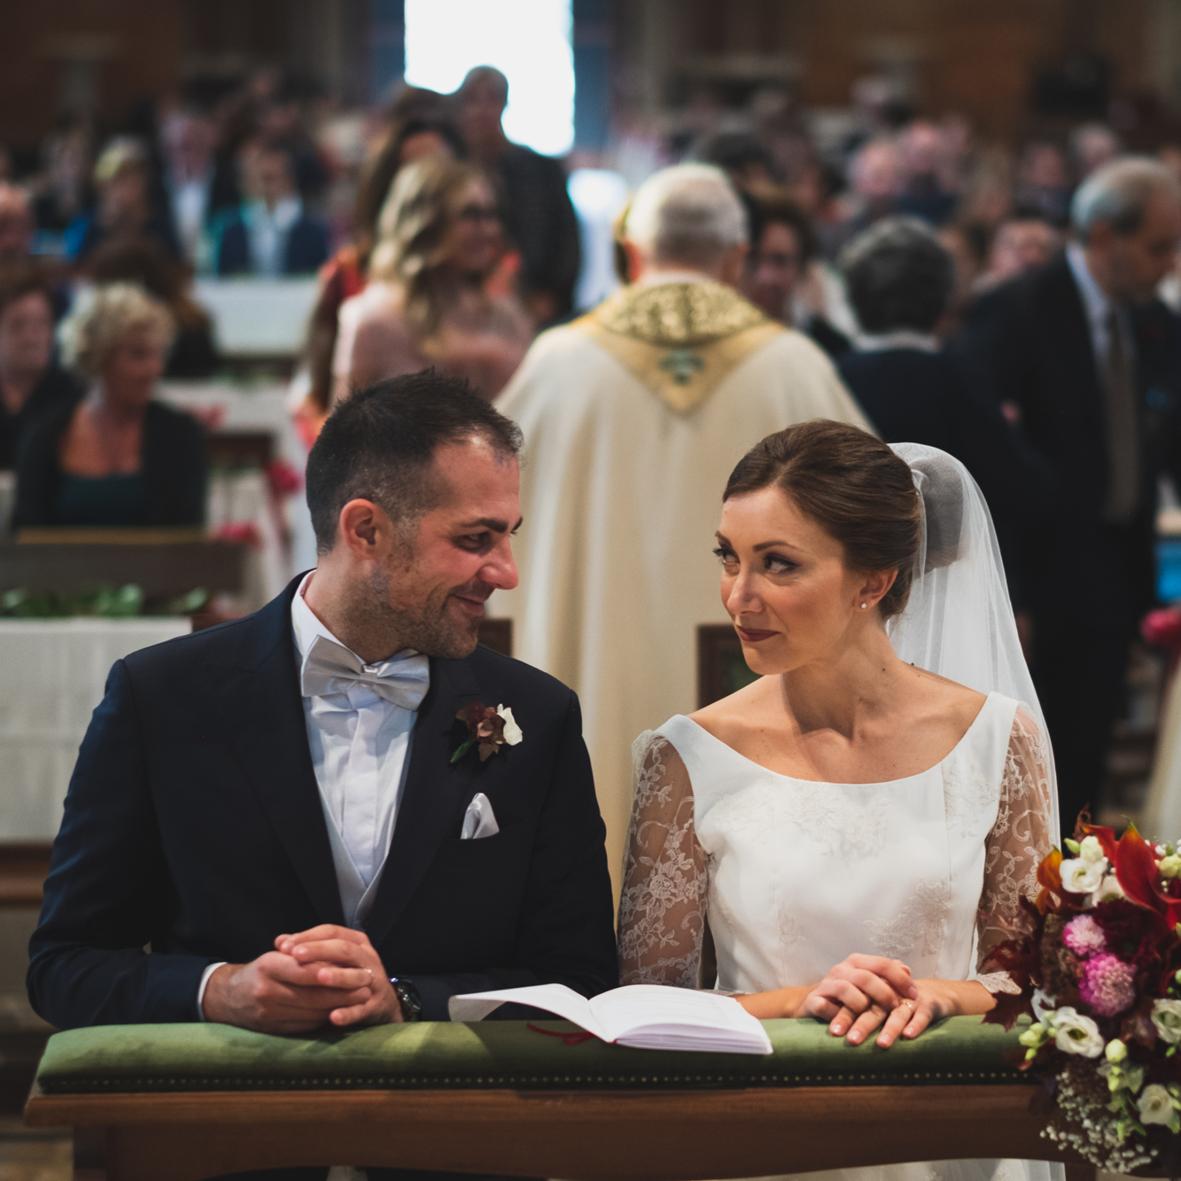 Fotografo matrimonio Brescia reportage di matrimonio Federico Rongaroli17